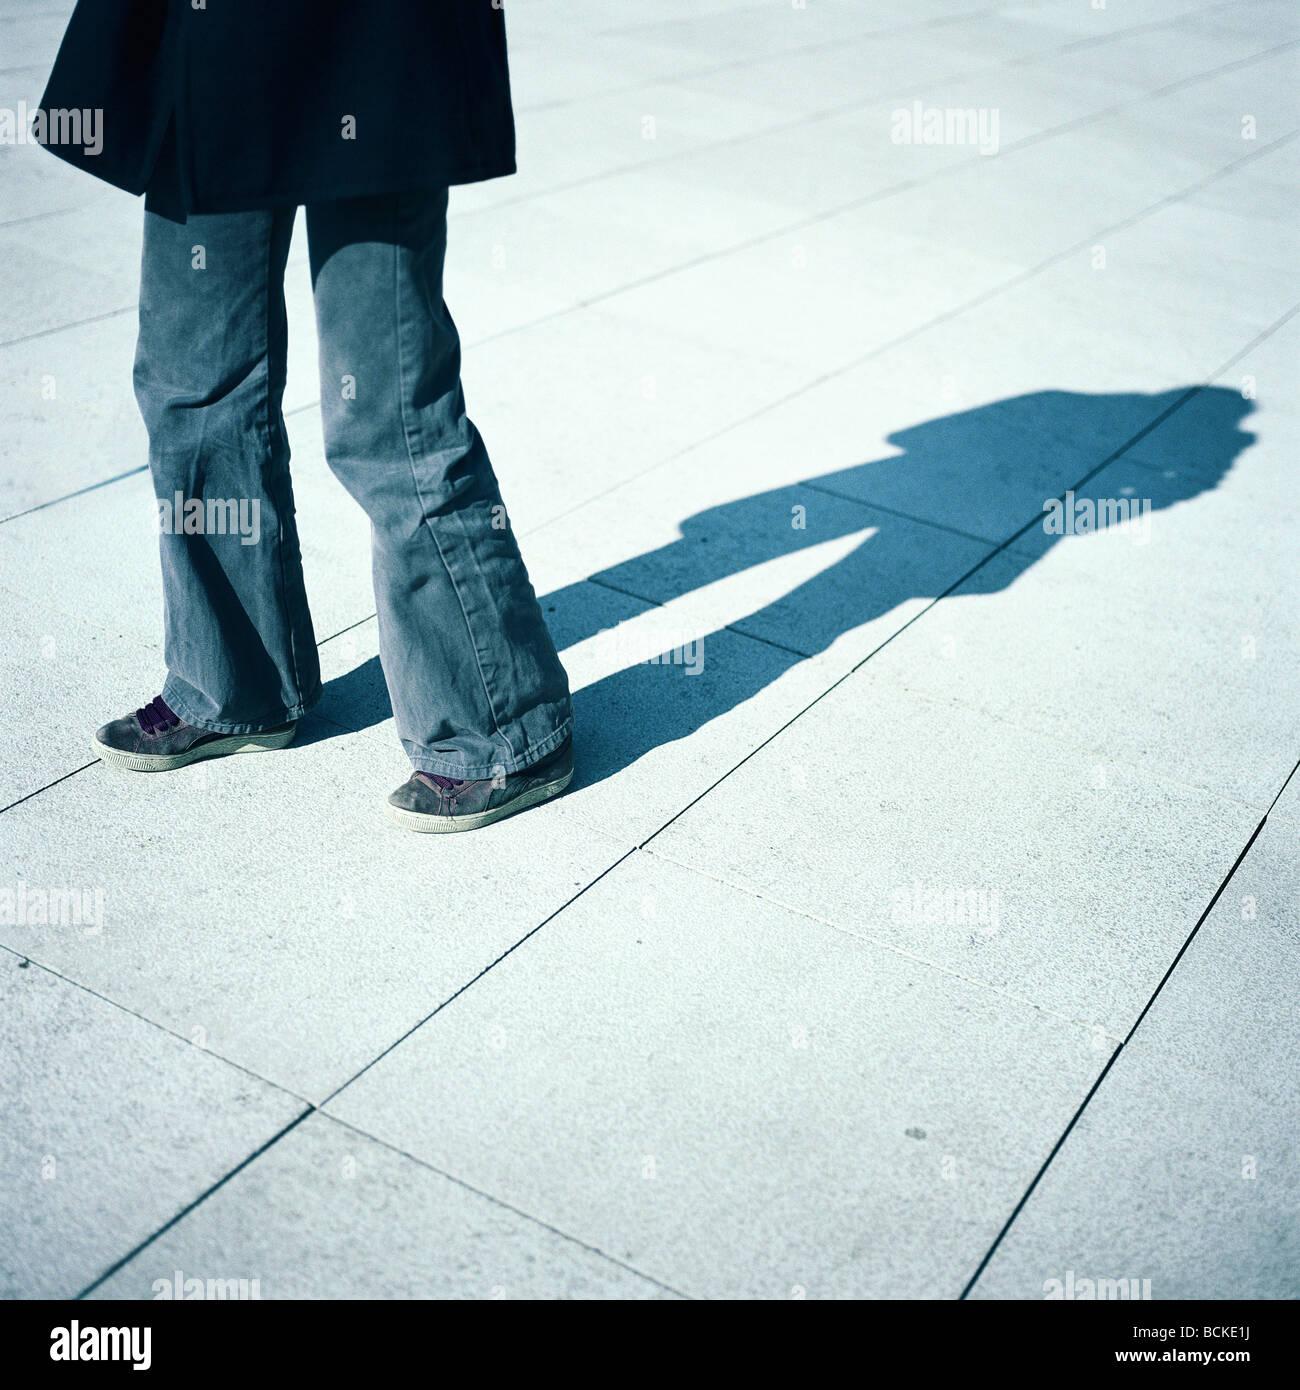 La partie inférieure de la personne et l'ombre sur le sol Photo Stock